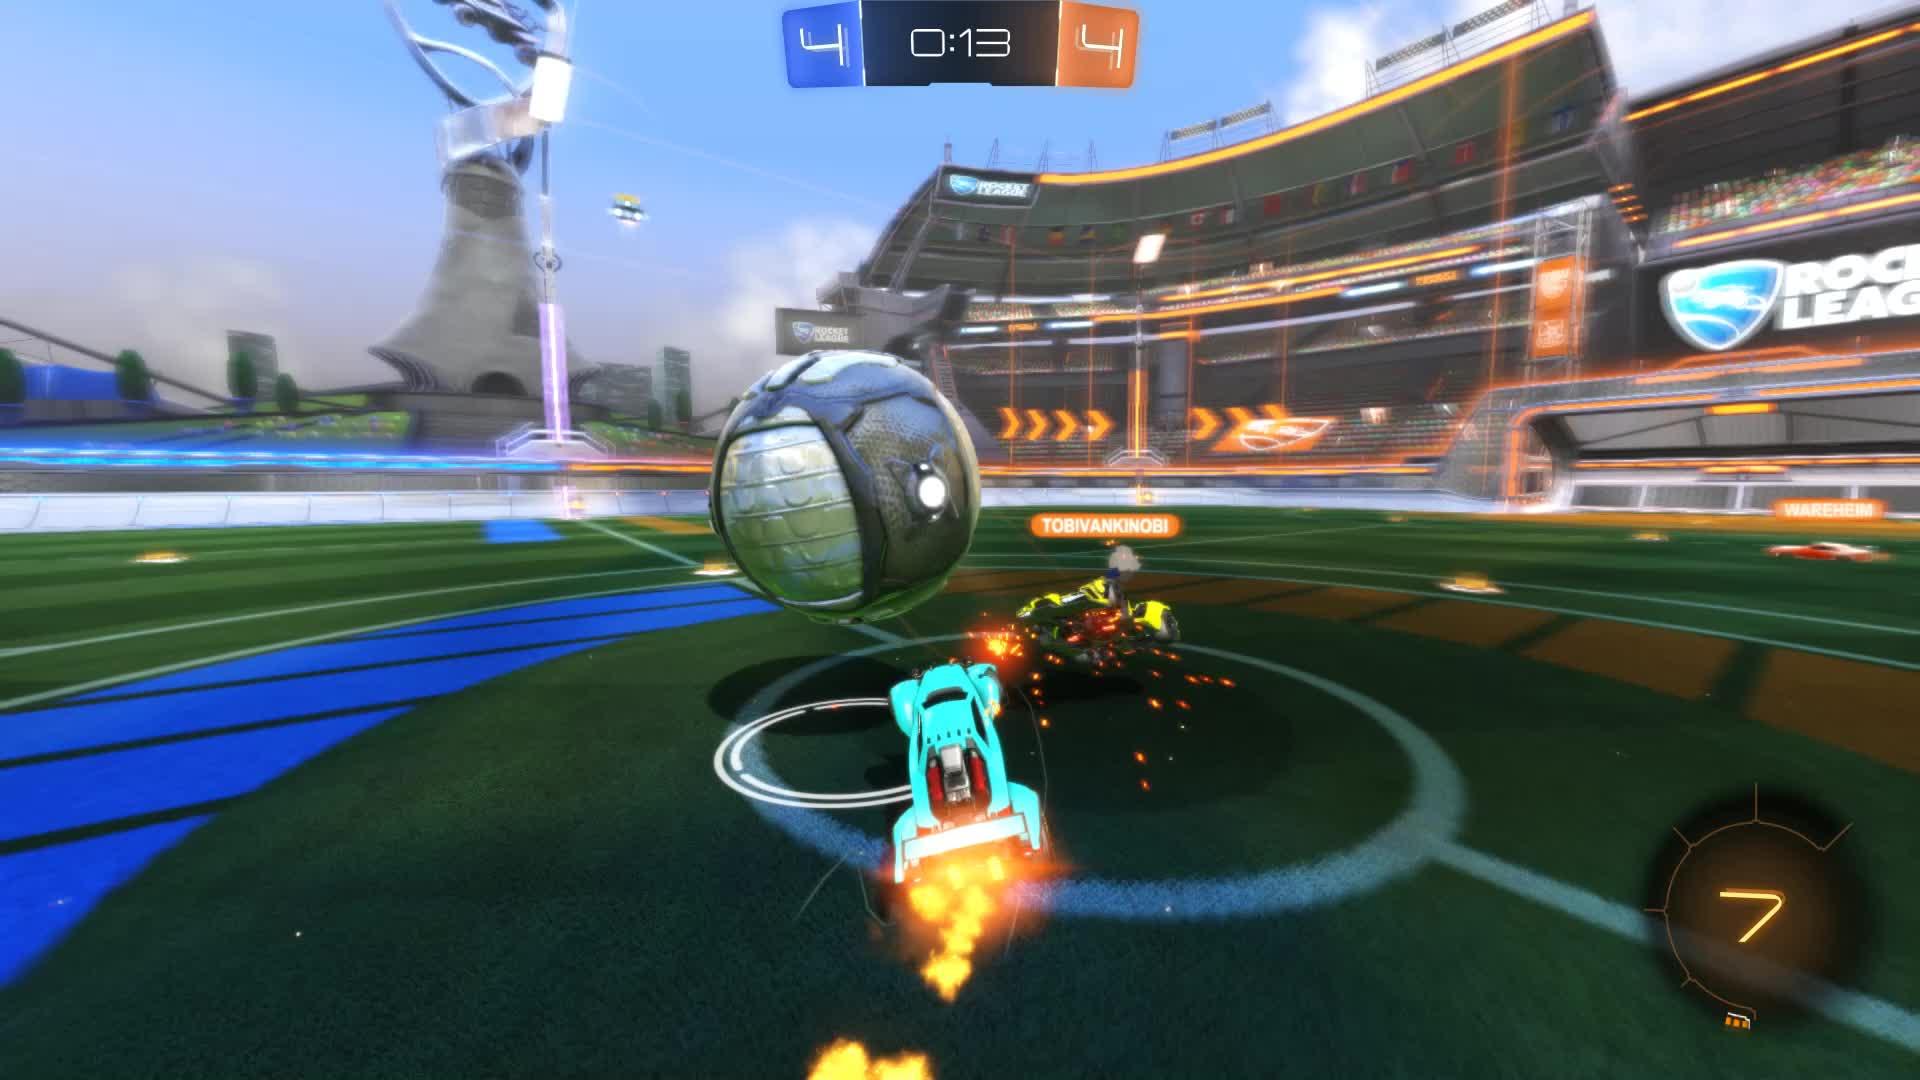 Baby Shark doo doo doo, Gif Your Game, GifYourGame, Goal, Rocket League, RocketLeague, Goal 9: Baby Shark doo doo doo GIFs